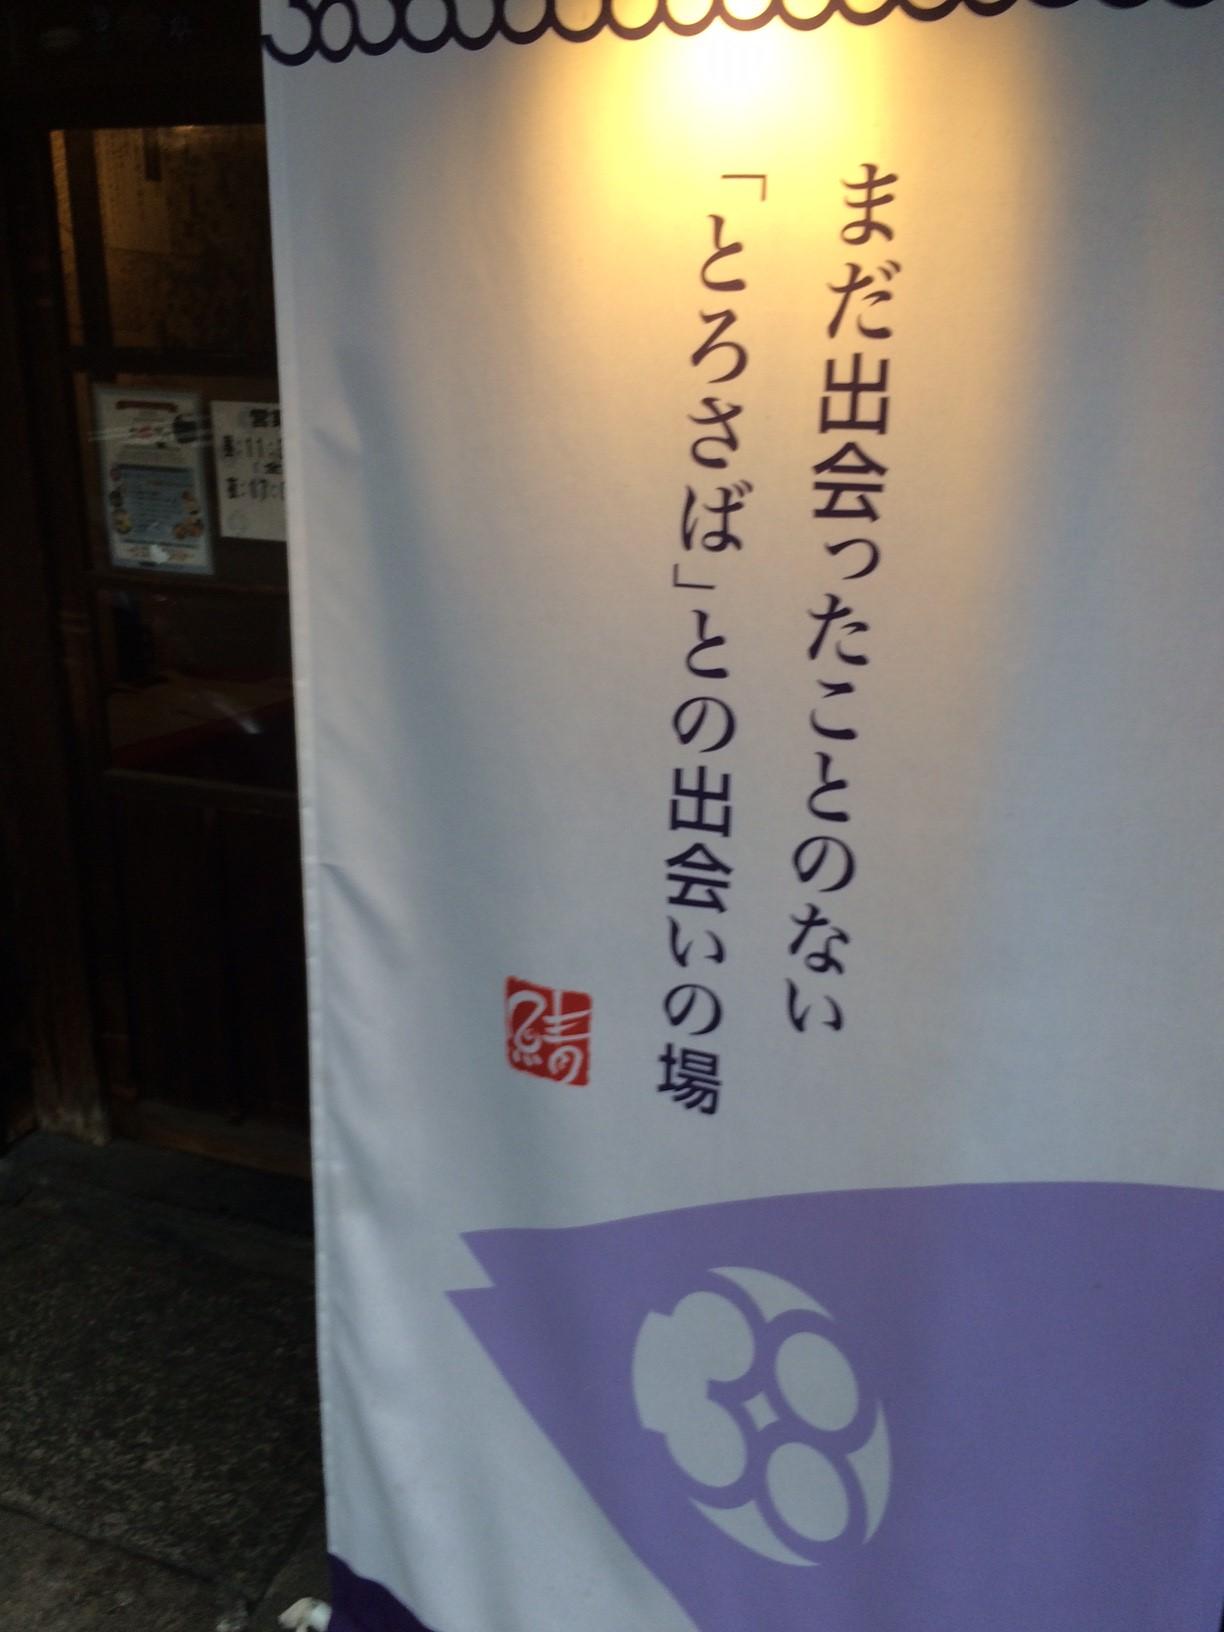 http://www.810810.co.jp/blog_run7/2016041901/IMG_1539.JPG